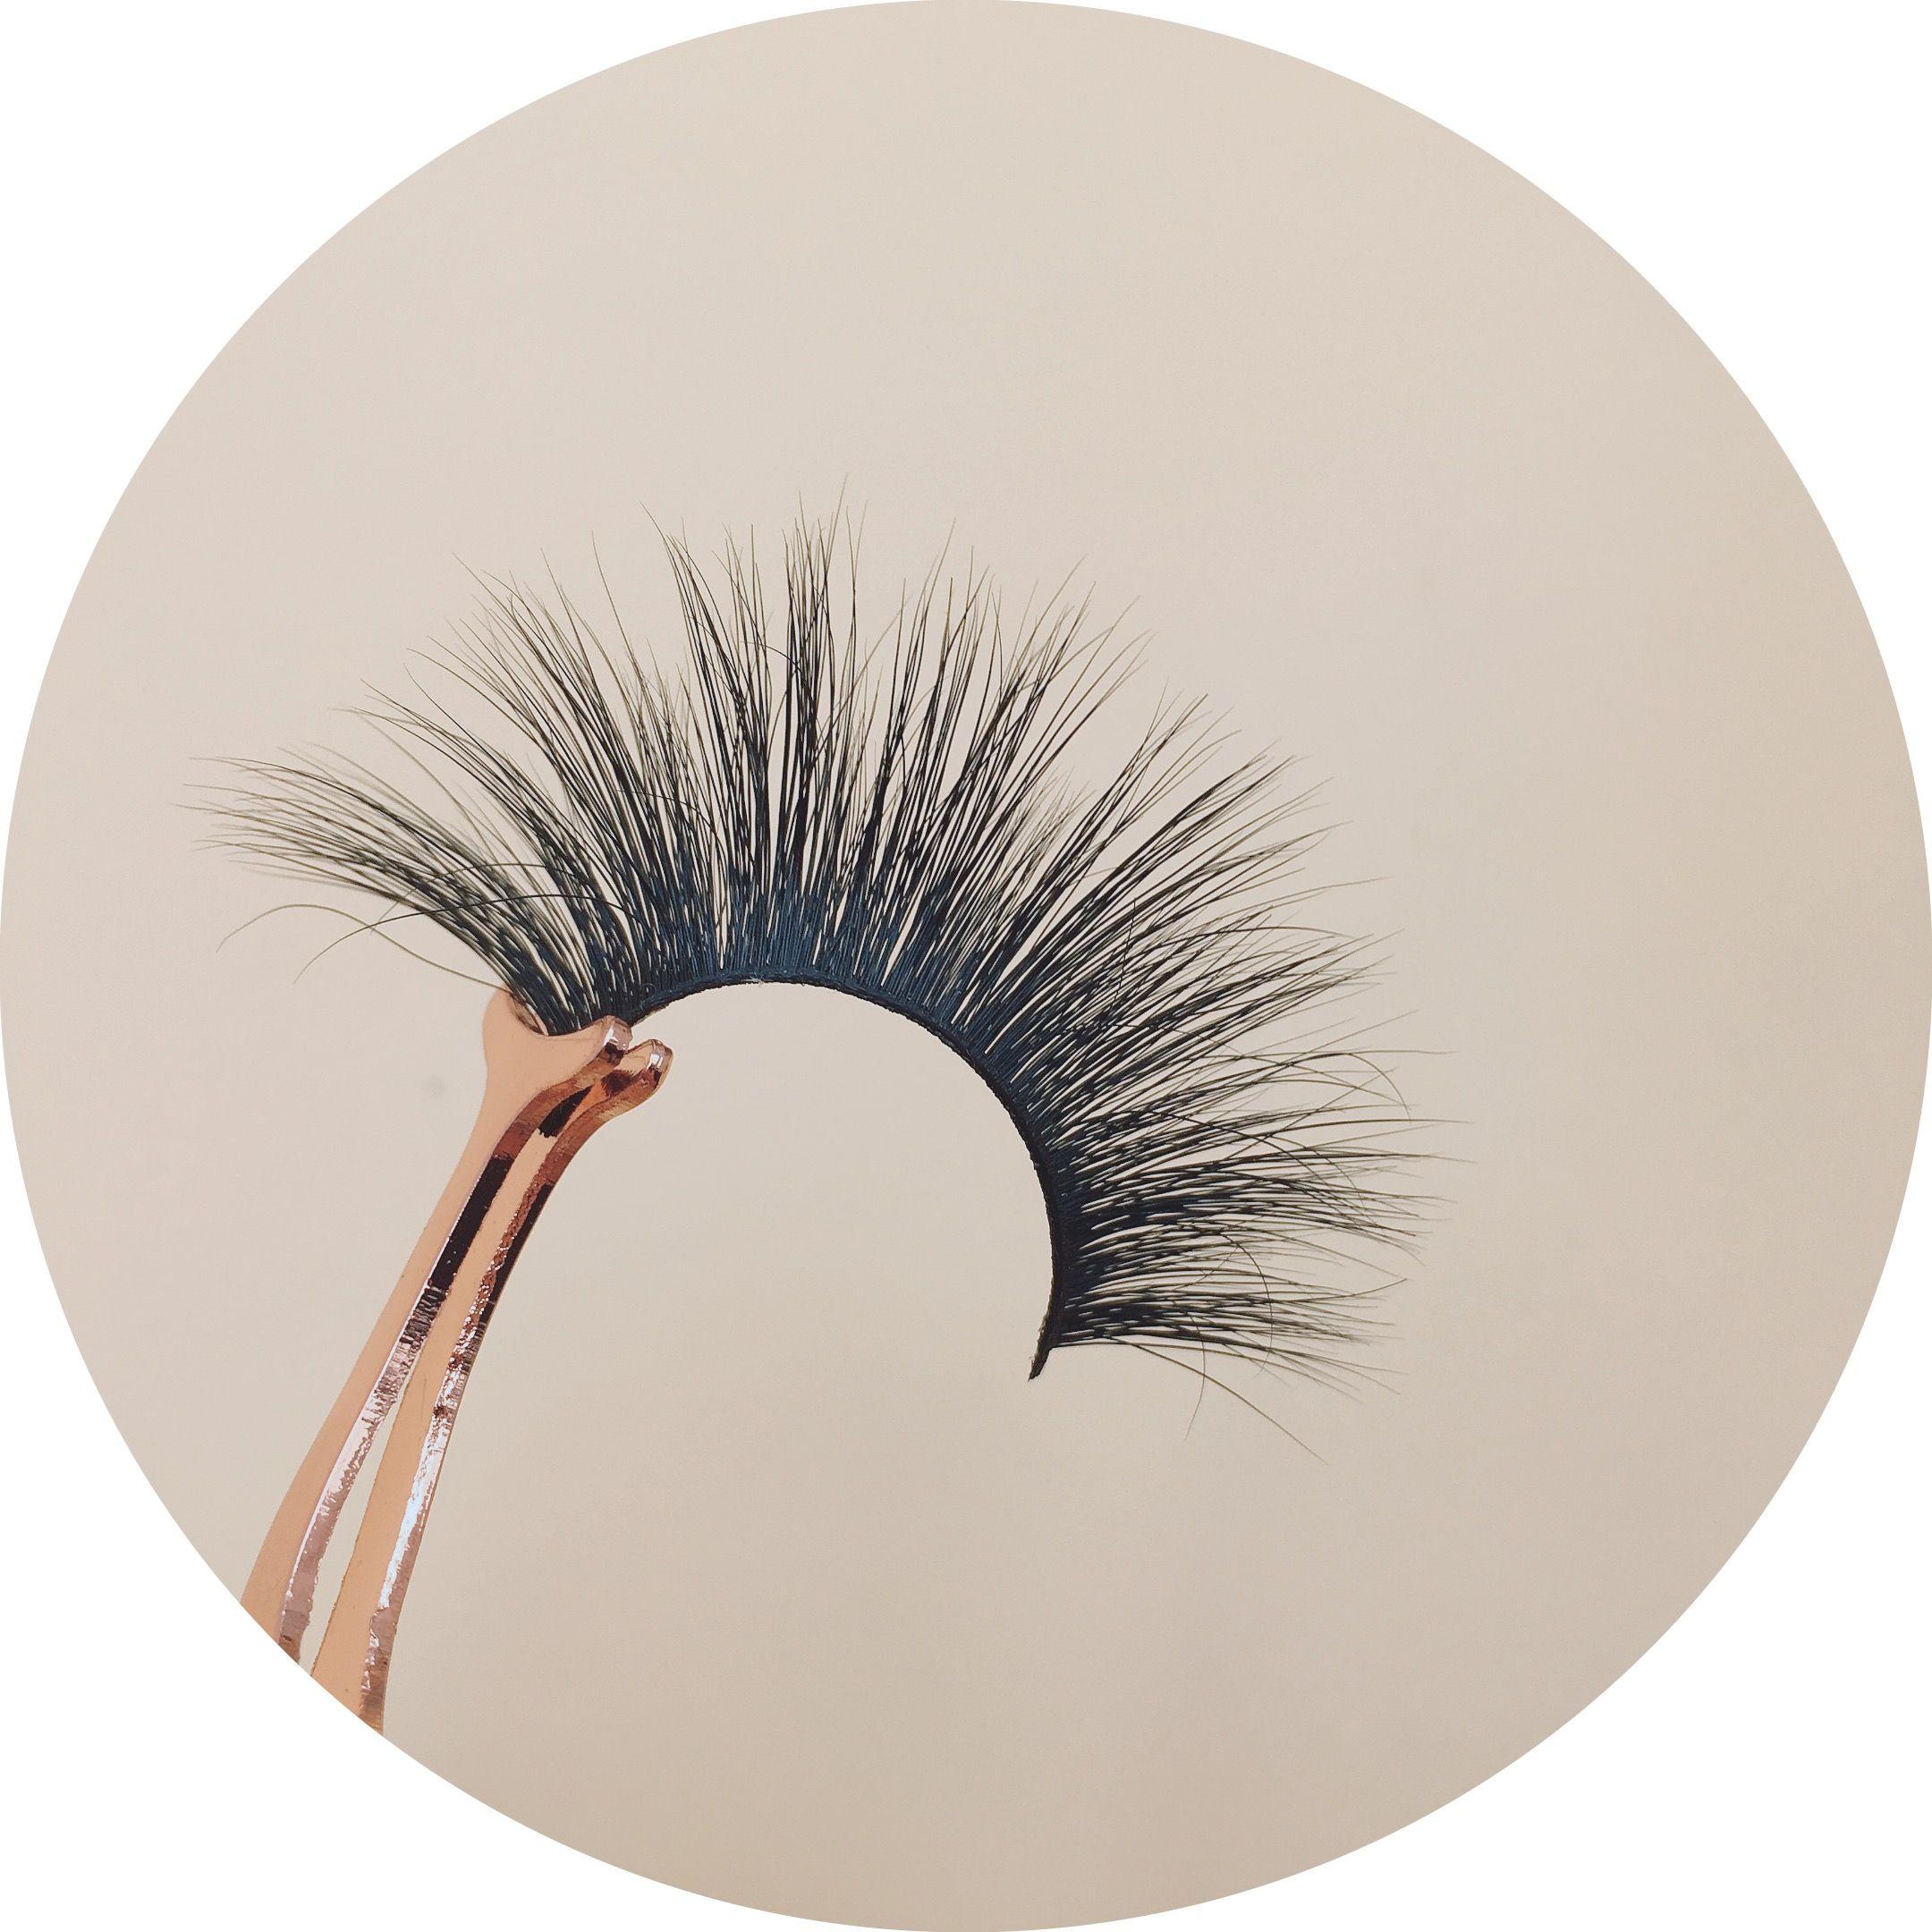 69244bb5e73 #25mm eyelashes #25mm 3d mink lashes #25mm eyelashes #25mm mink lash strips